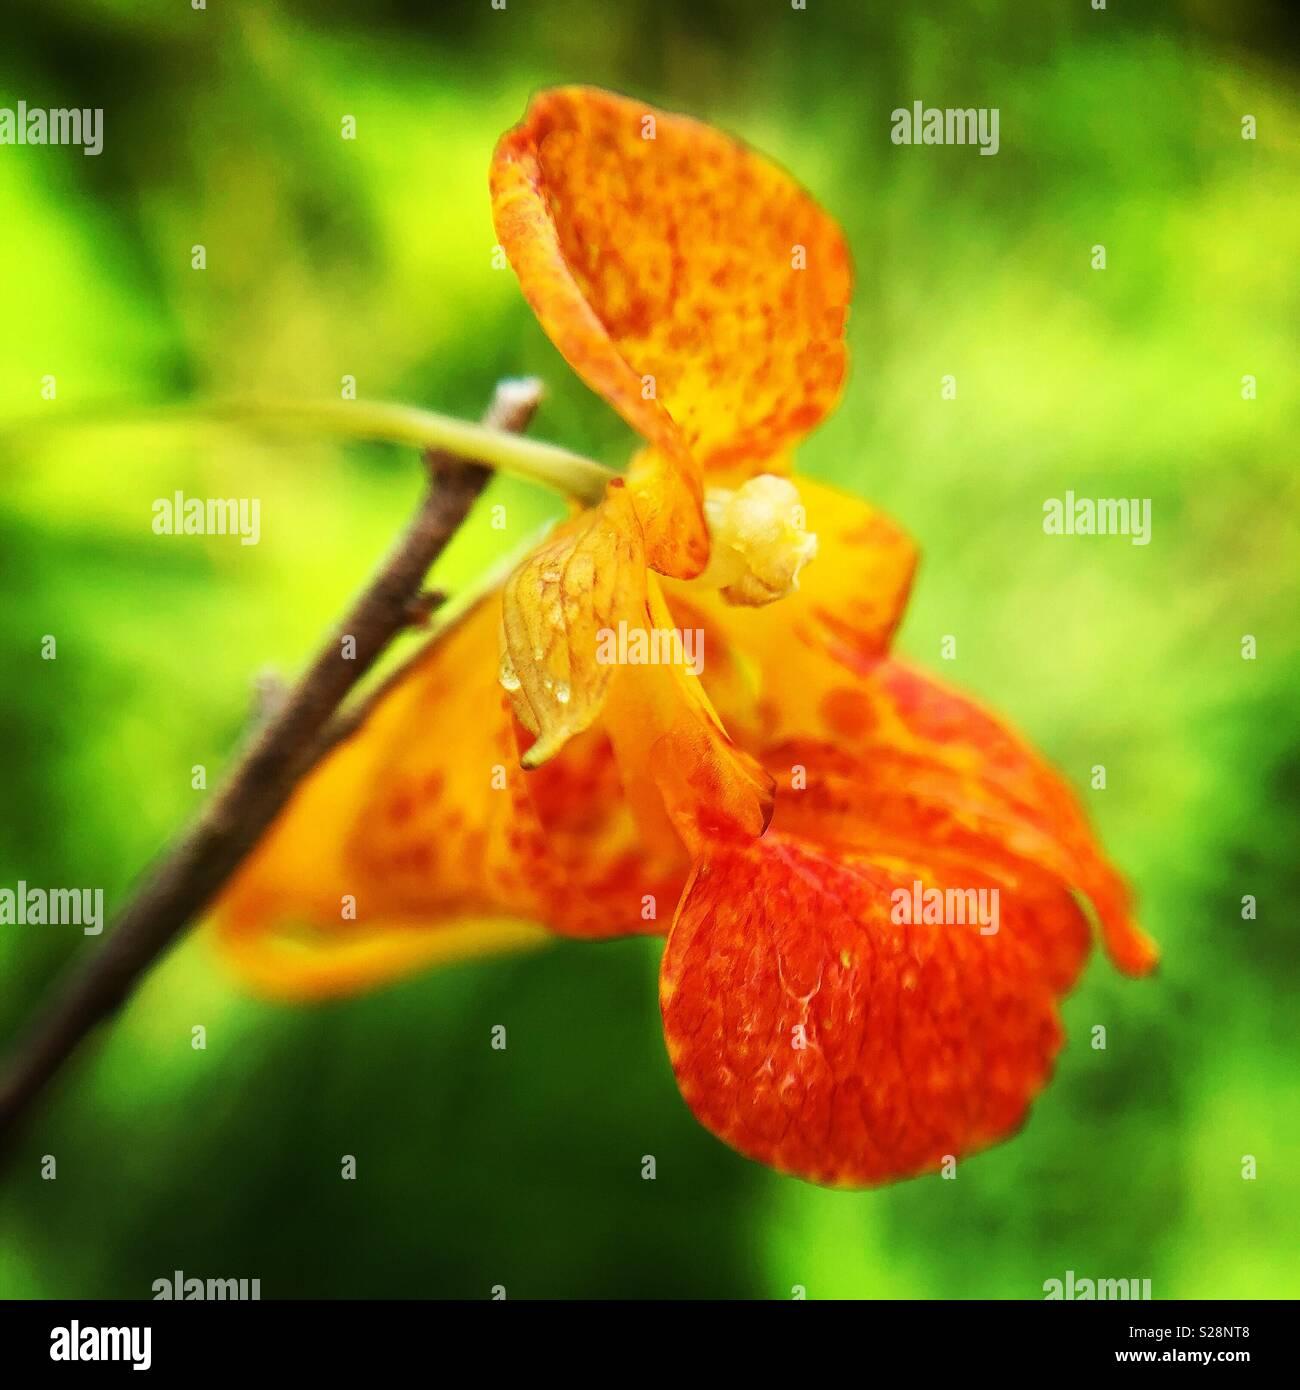 Jewel weed, Wayne county, Pennsylvania - Stock Image